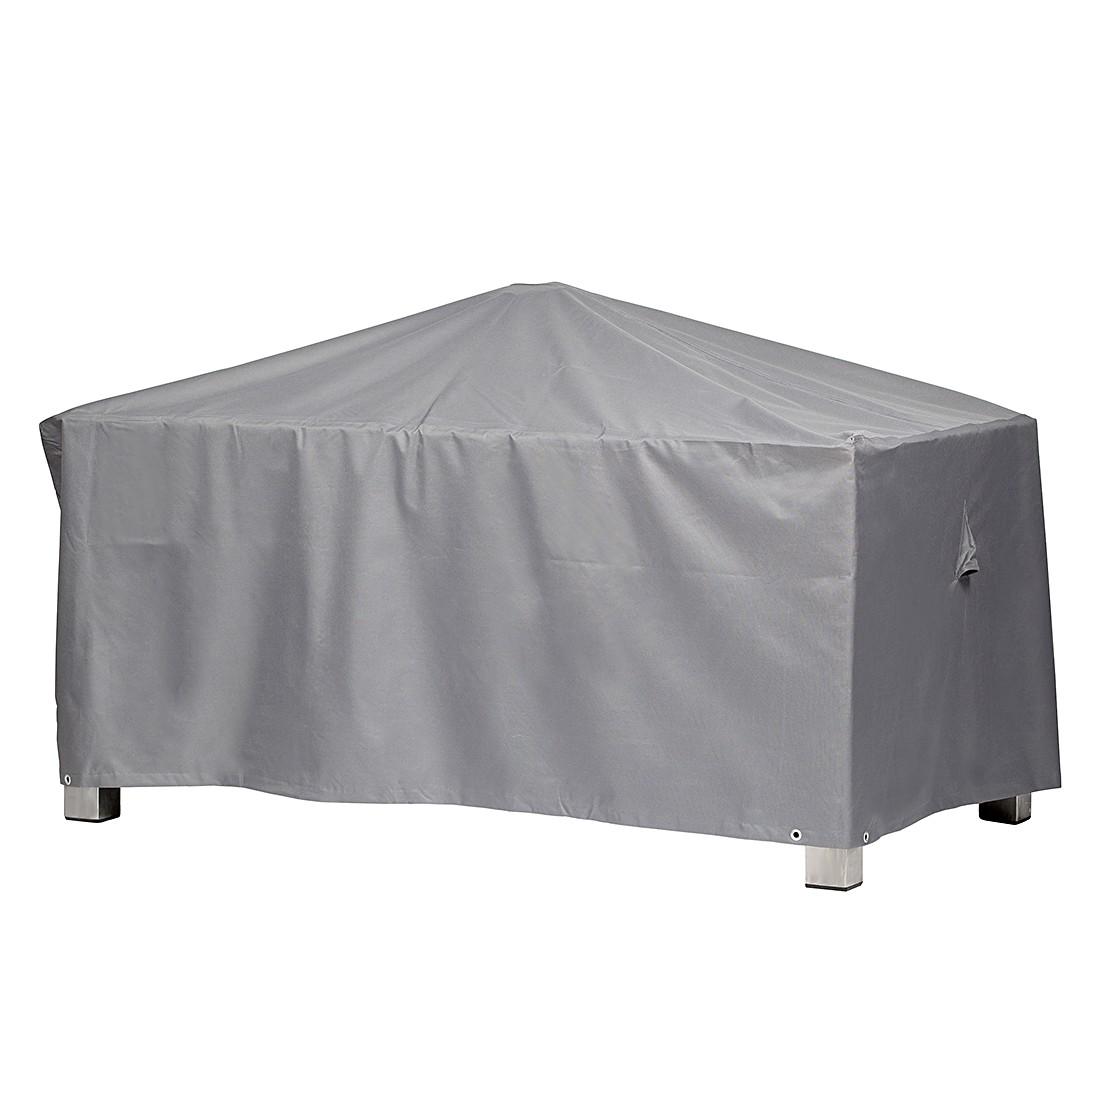 Beschermhoes Premium - voor rechthoekige tuintafels (185x105cm) - polyester, mehr Garten